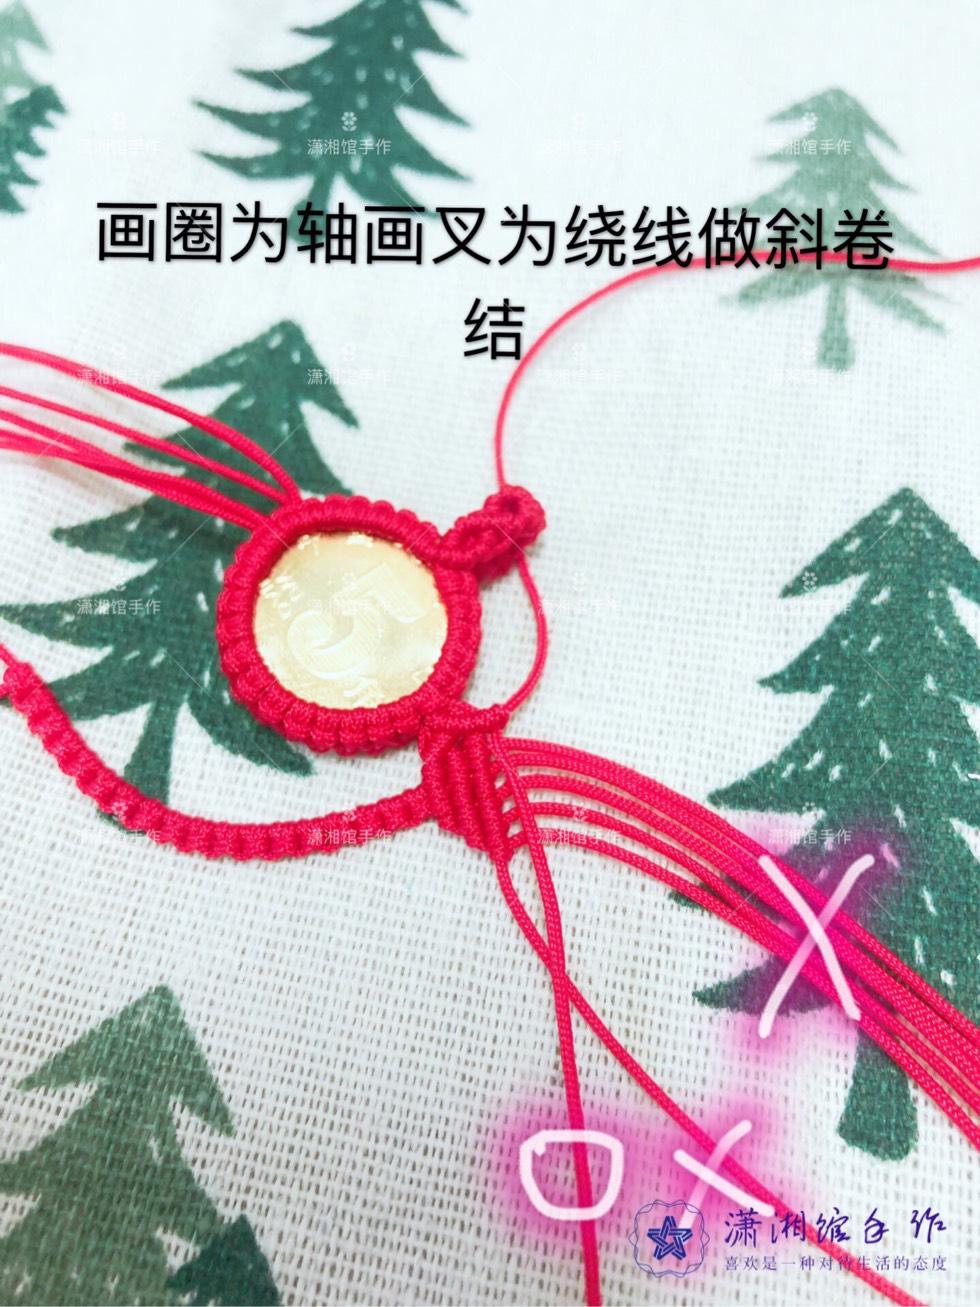 中国结论坛 硬币挂件天使翅膀钥匙扣教程  图文教程区 170134g510epzgwwp0gw55